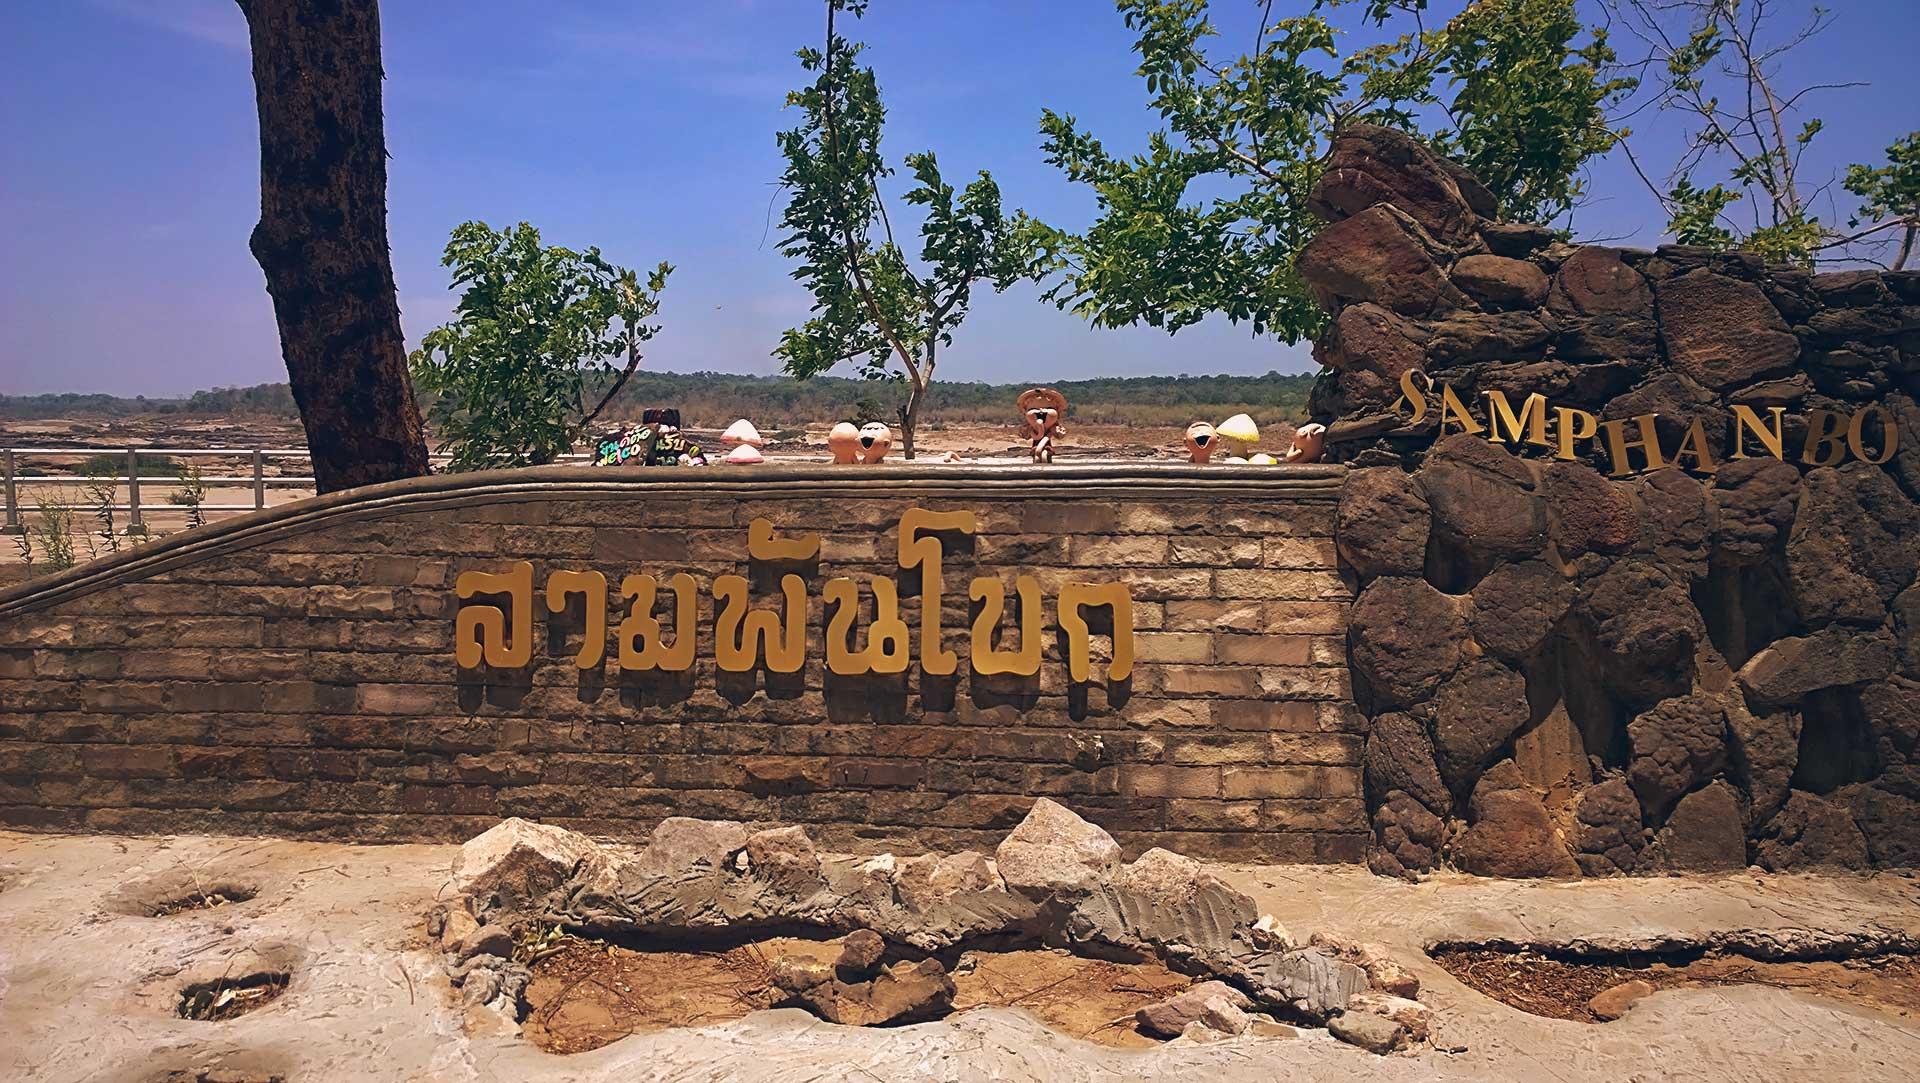 Samphanbok Ubonratchathani - สามพันโบก อุบลราชธานี